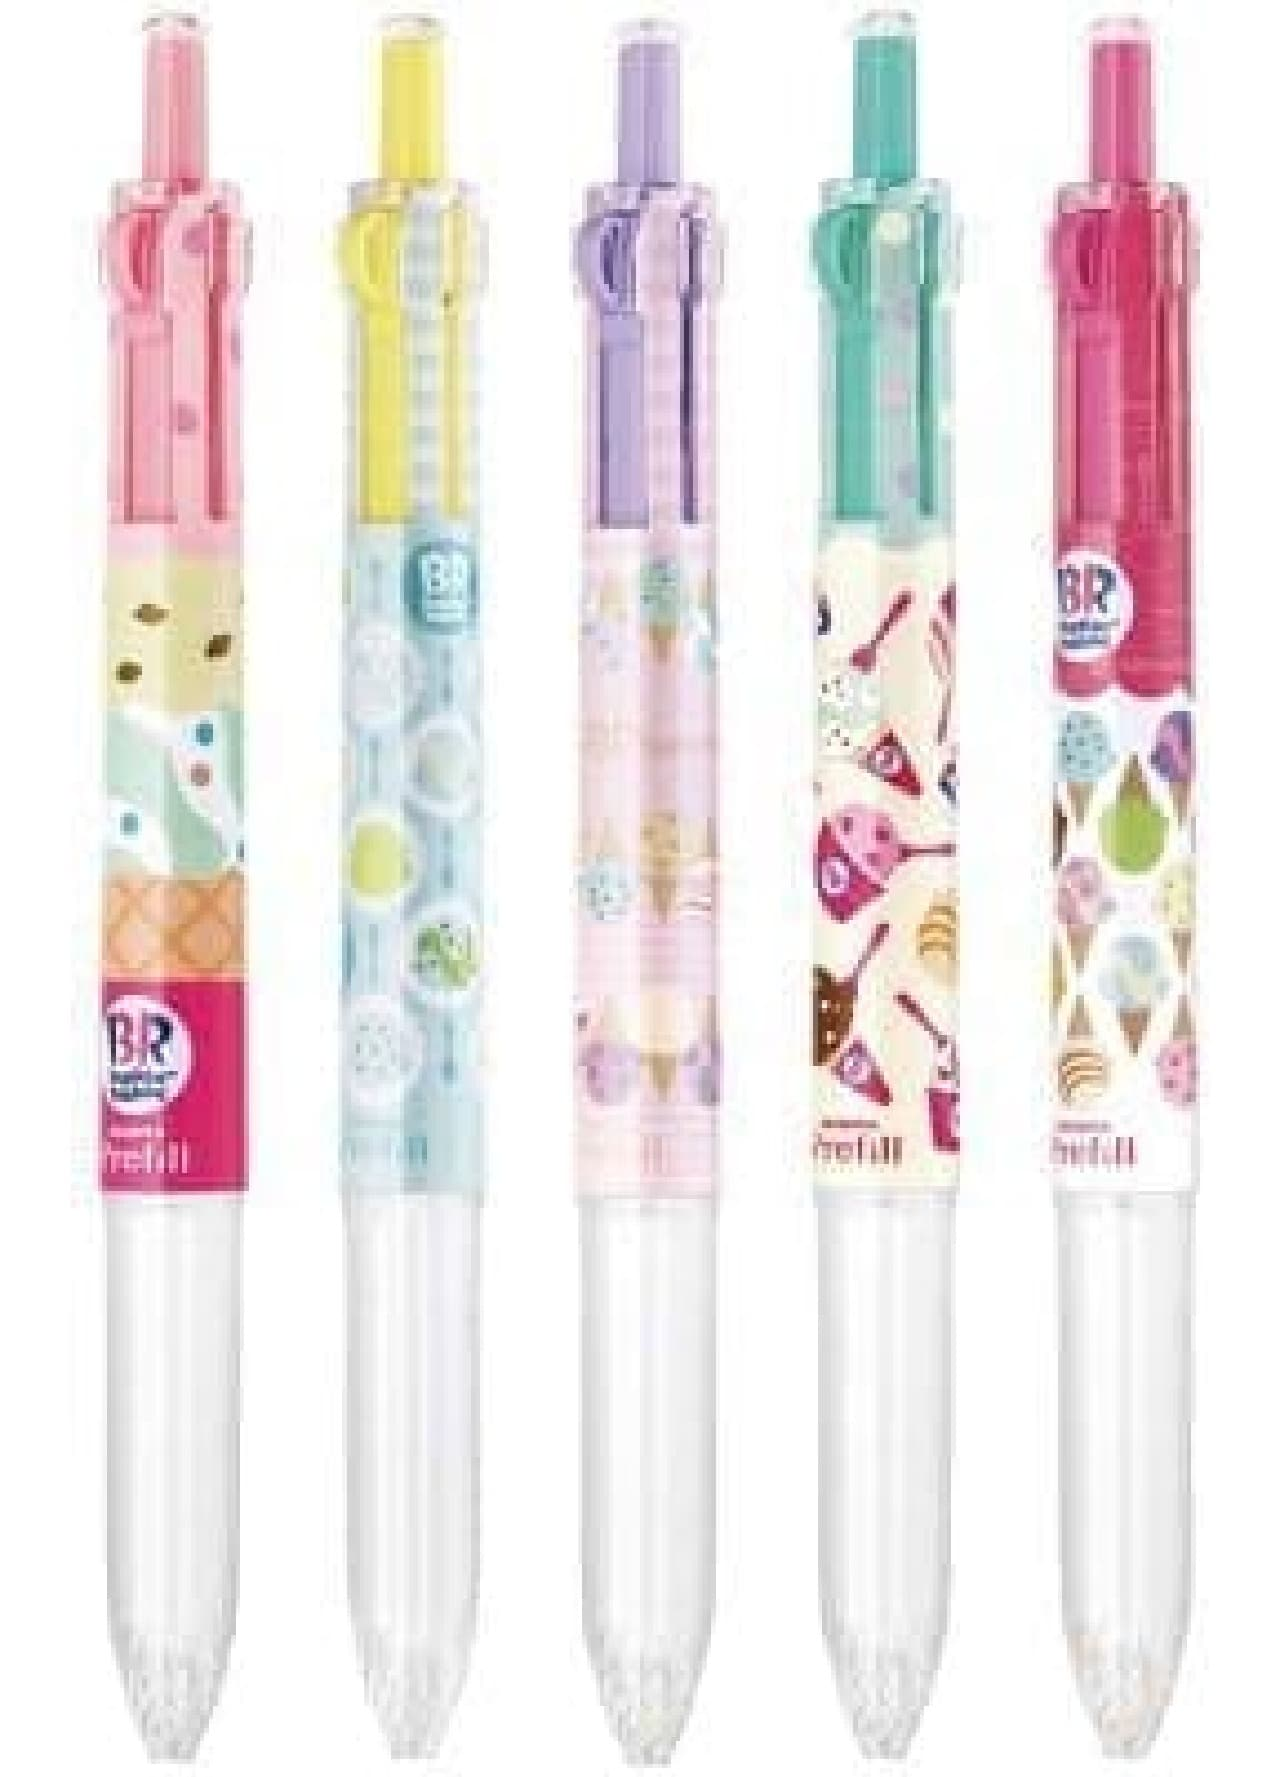 サーティワンアイスクリームとコラボレーションしたボールペン「サラサクリップ×サーティワン」